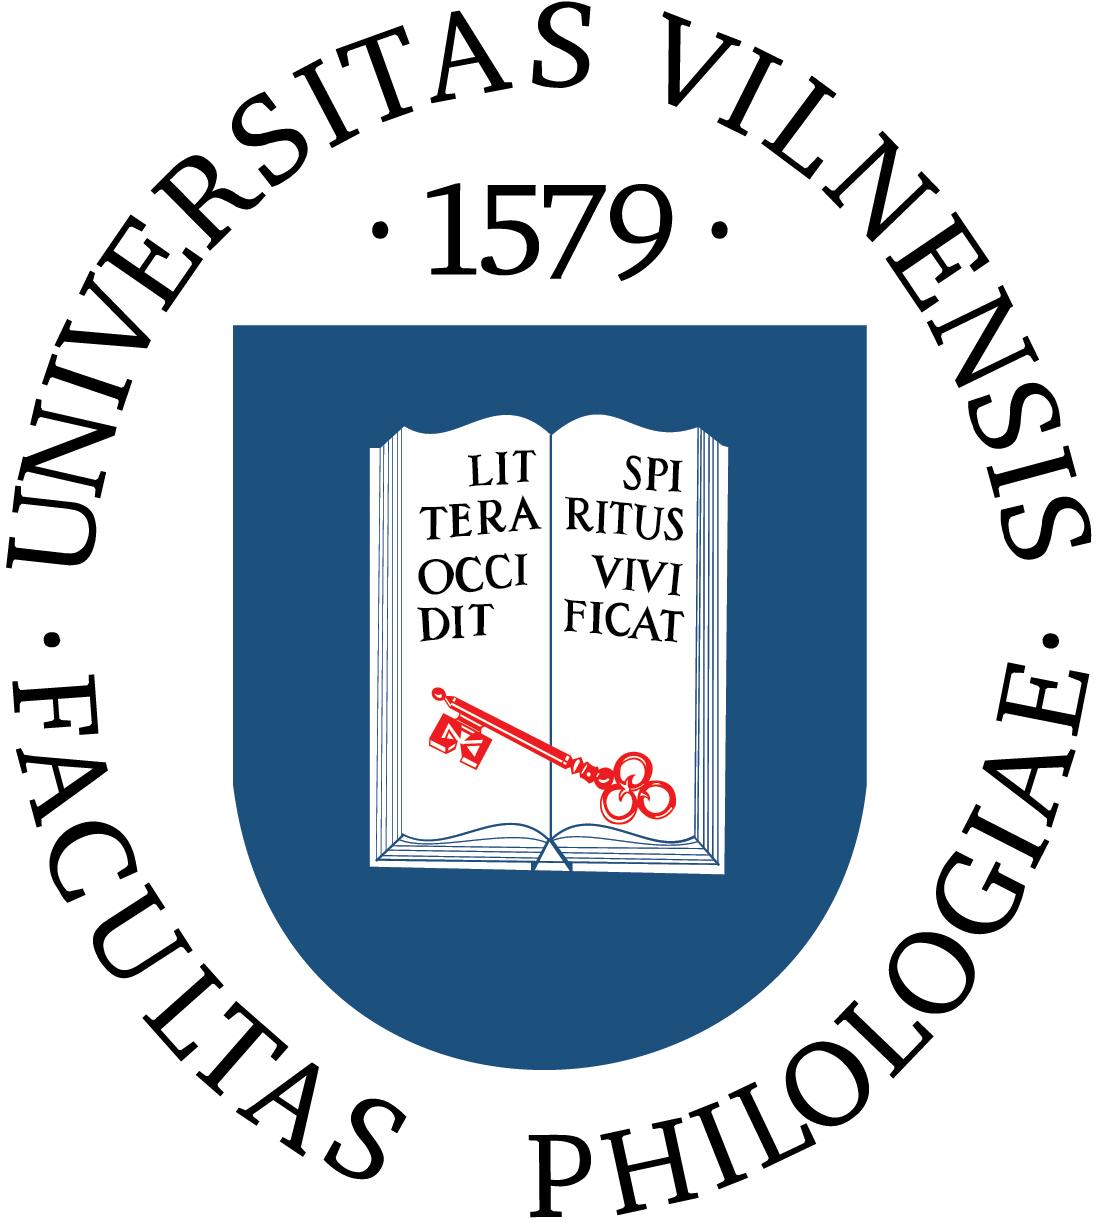 www flf vu lt - VU Filologijos fakultetas - Vilniaus